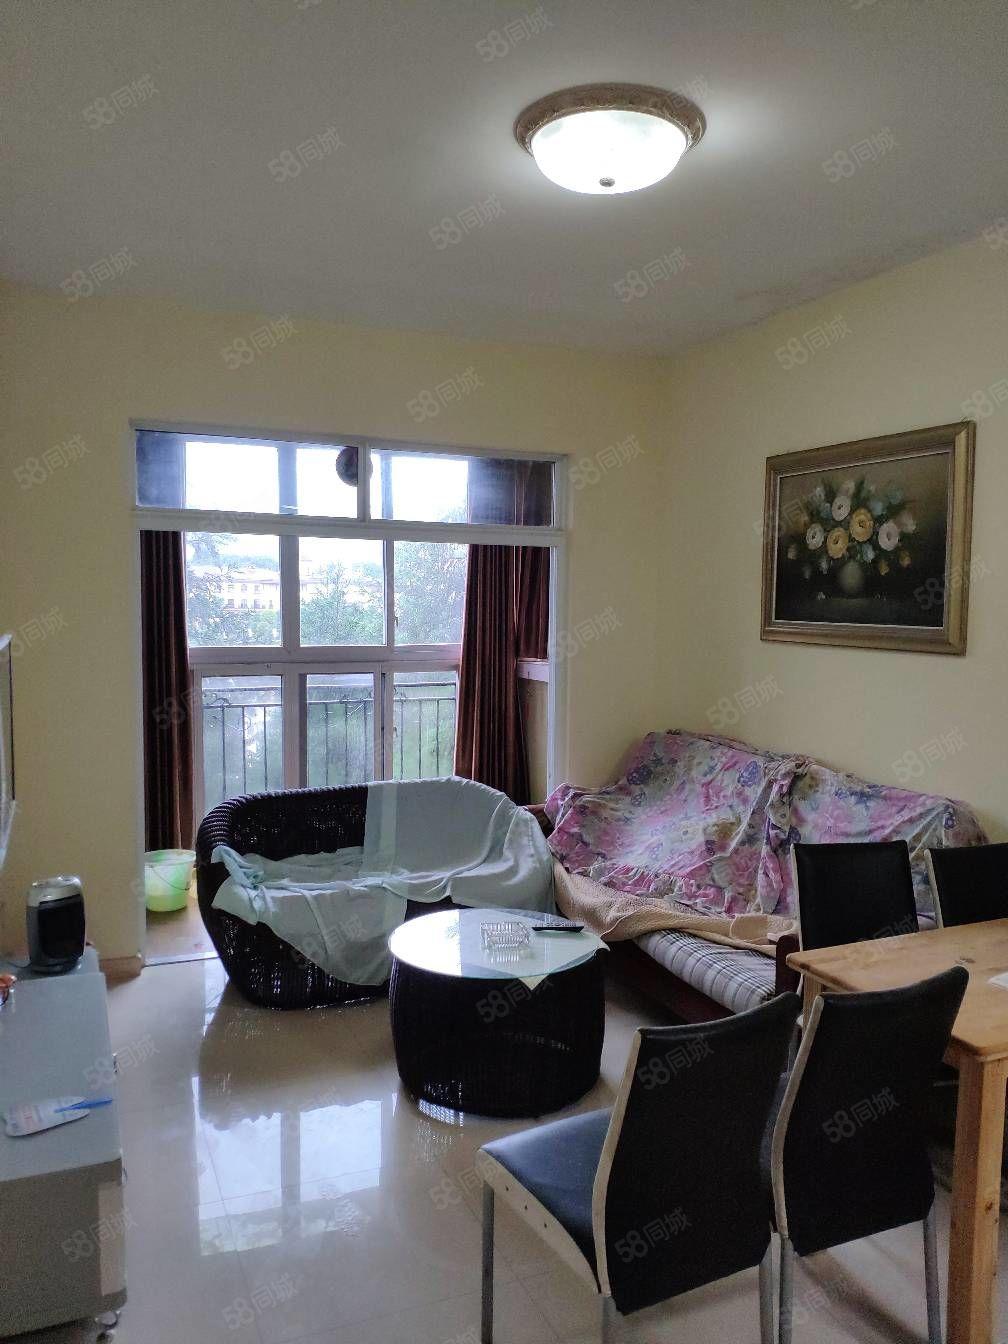 芳草地精裝一室一廳,裝修85新,家具家電齊全,業主急賣